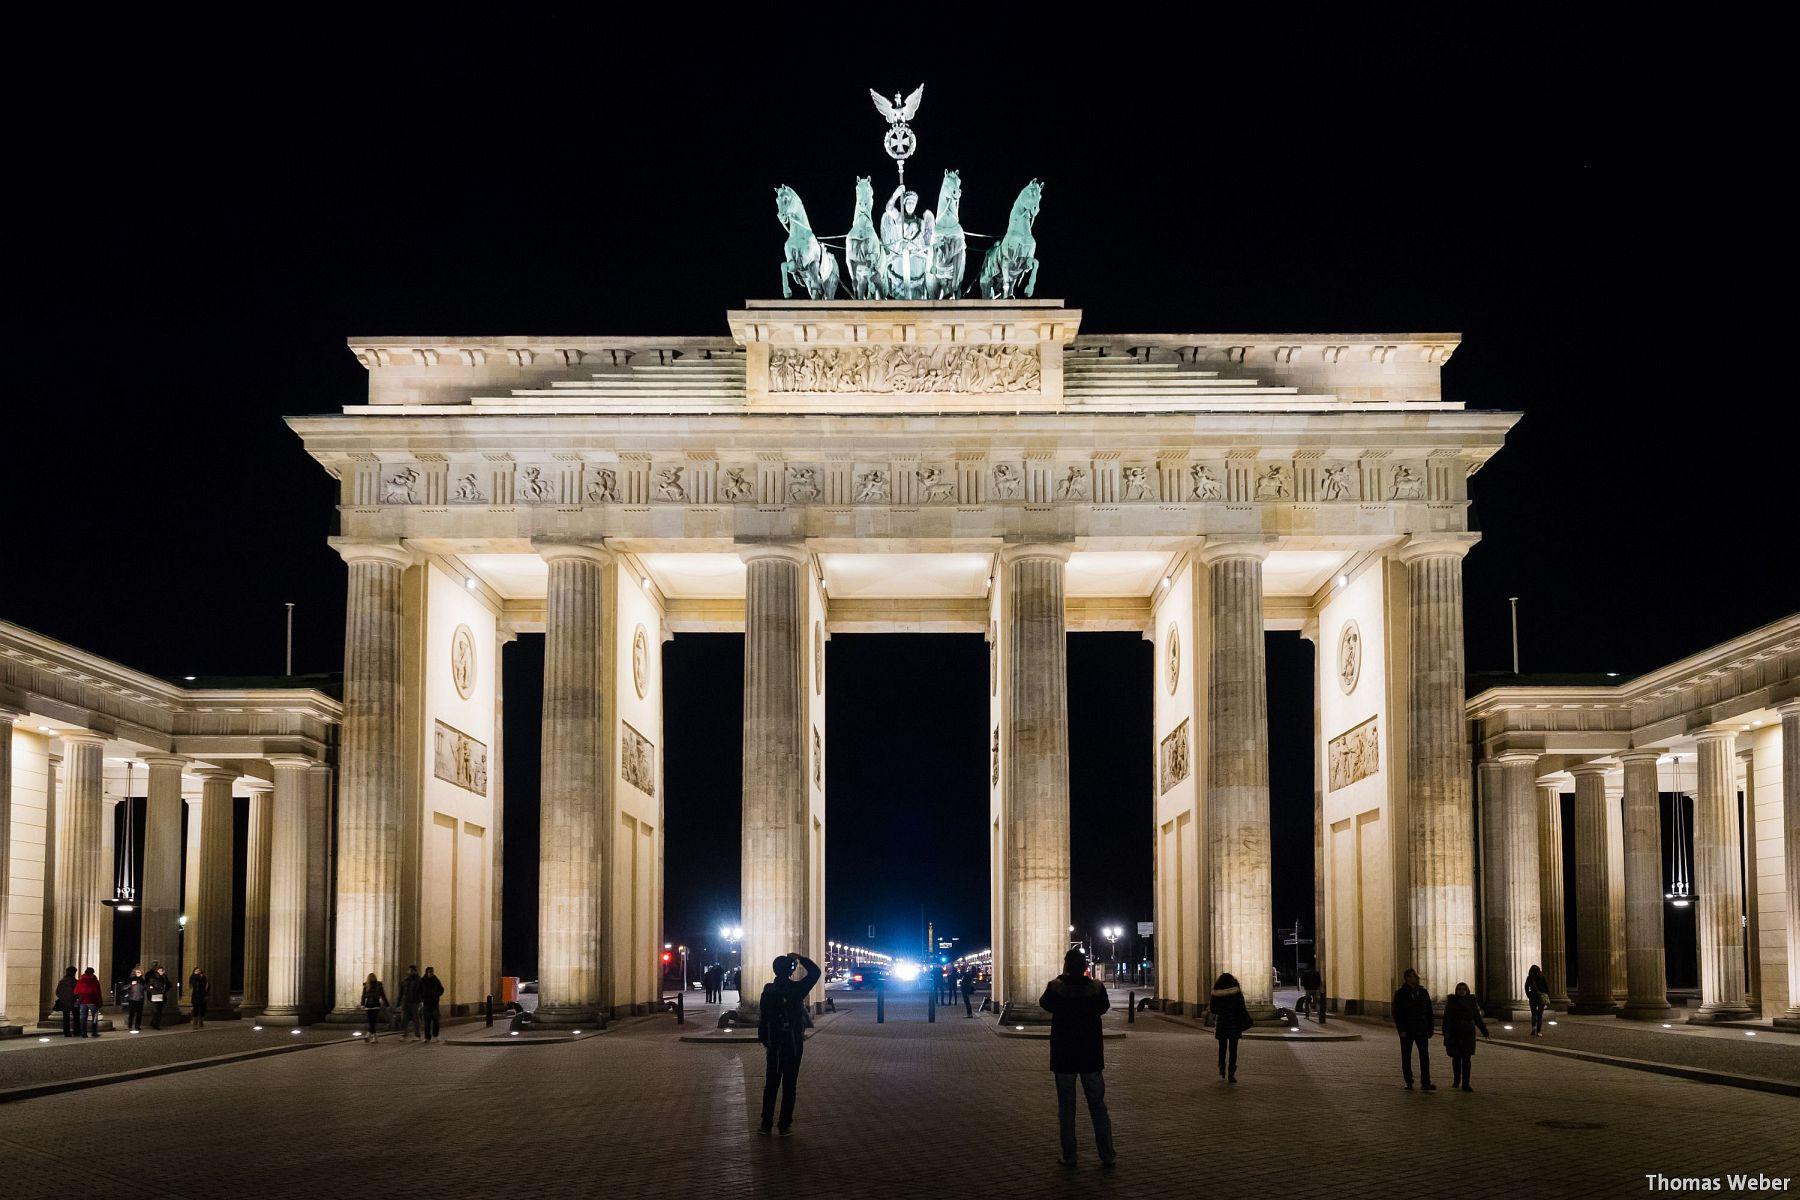 Fotograf Thomas Weber aus Oldenburg: Das Brandenburger Tor in Berlin bei Nacht